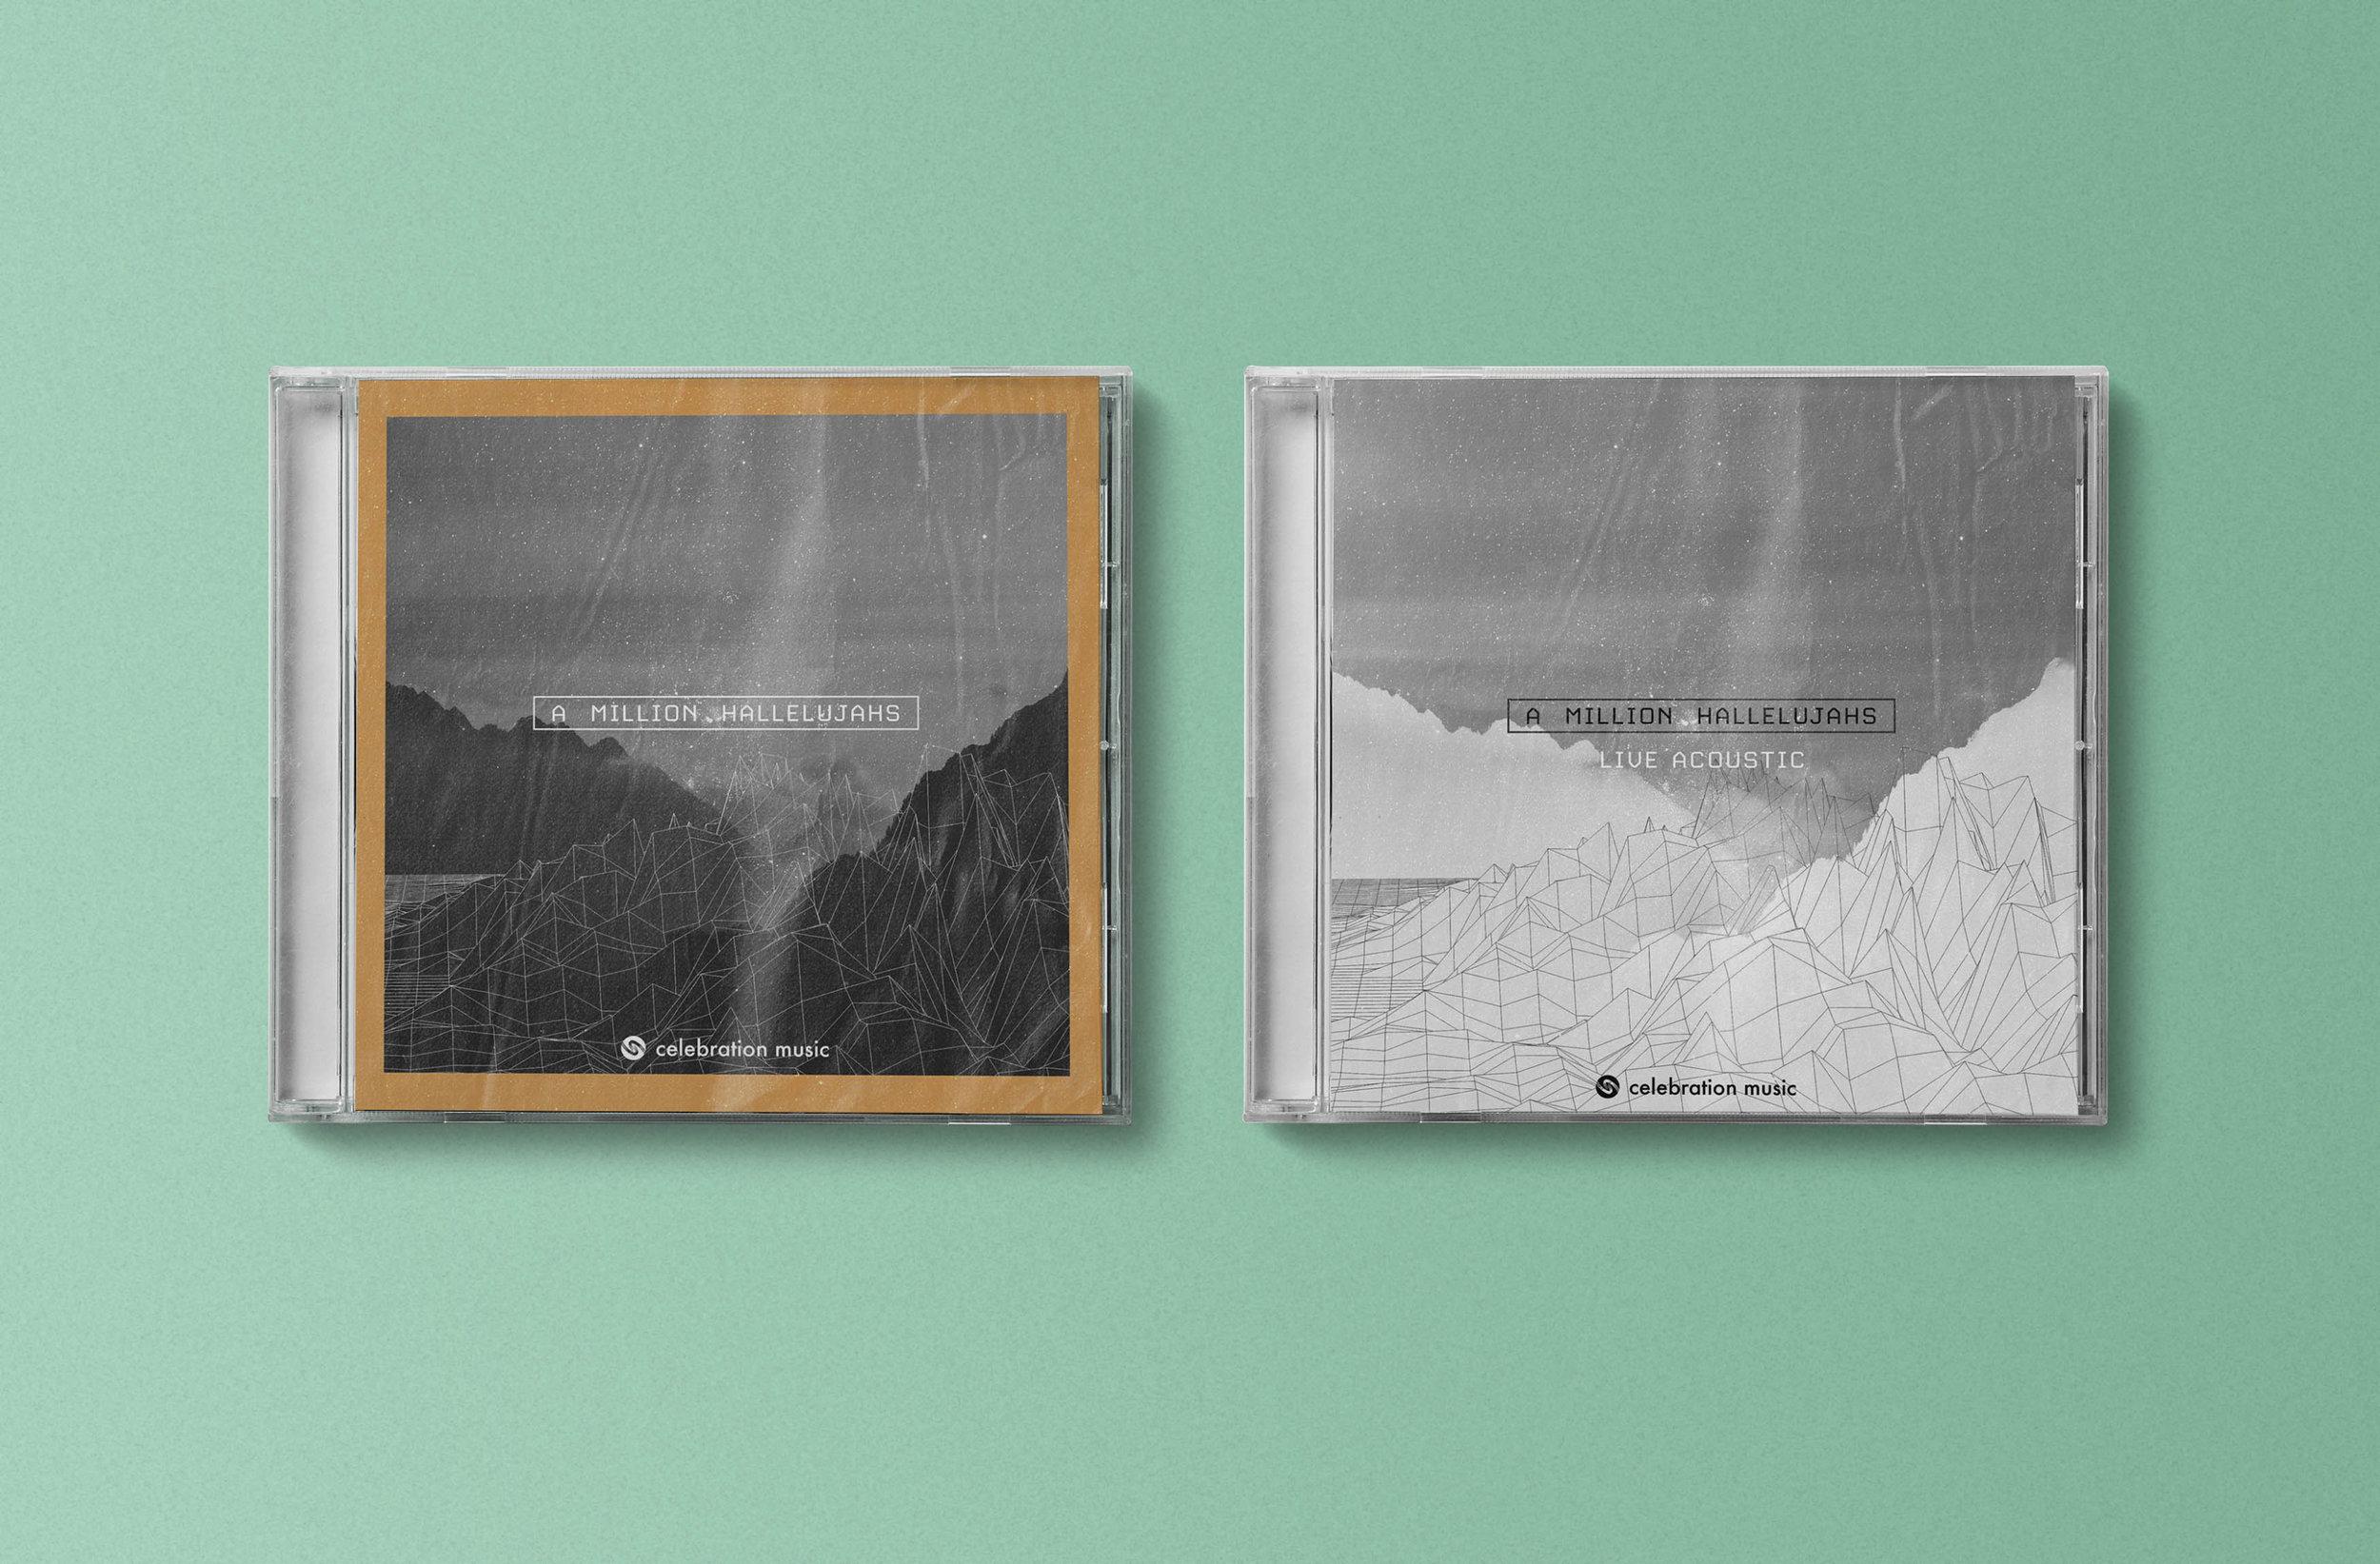 94-cd-cover-mockup-12.jpg